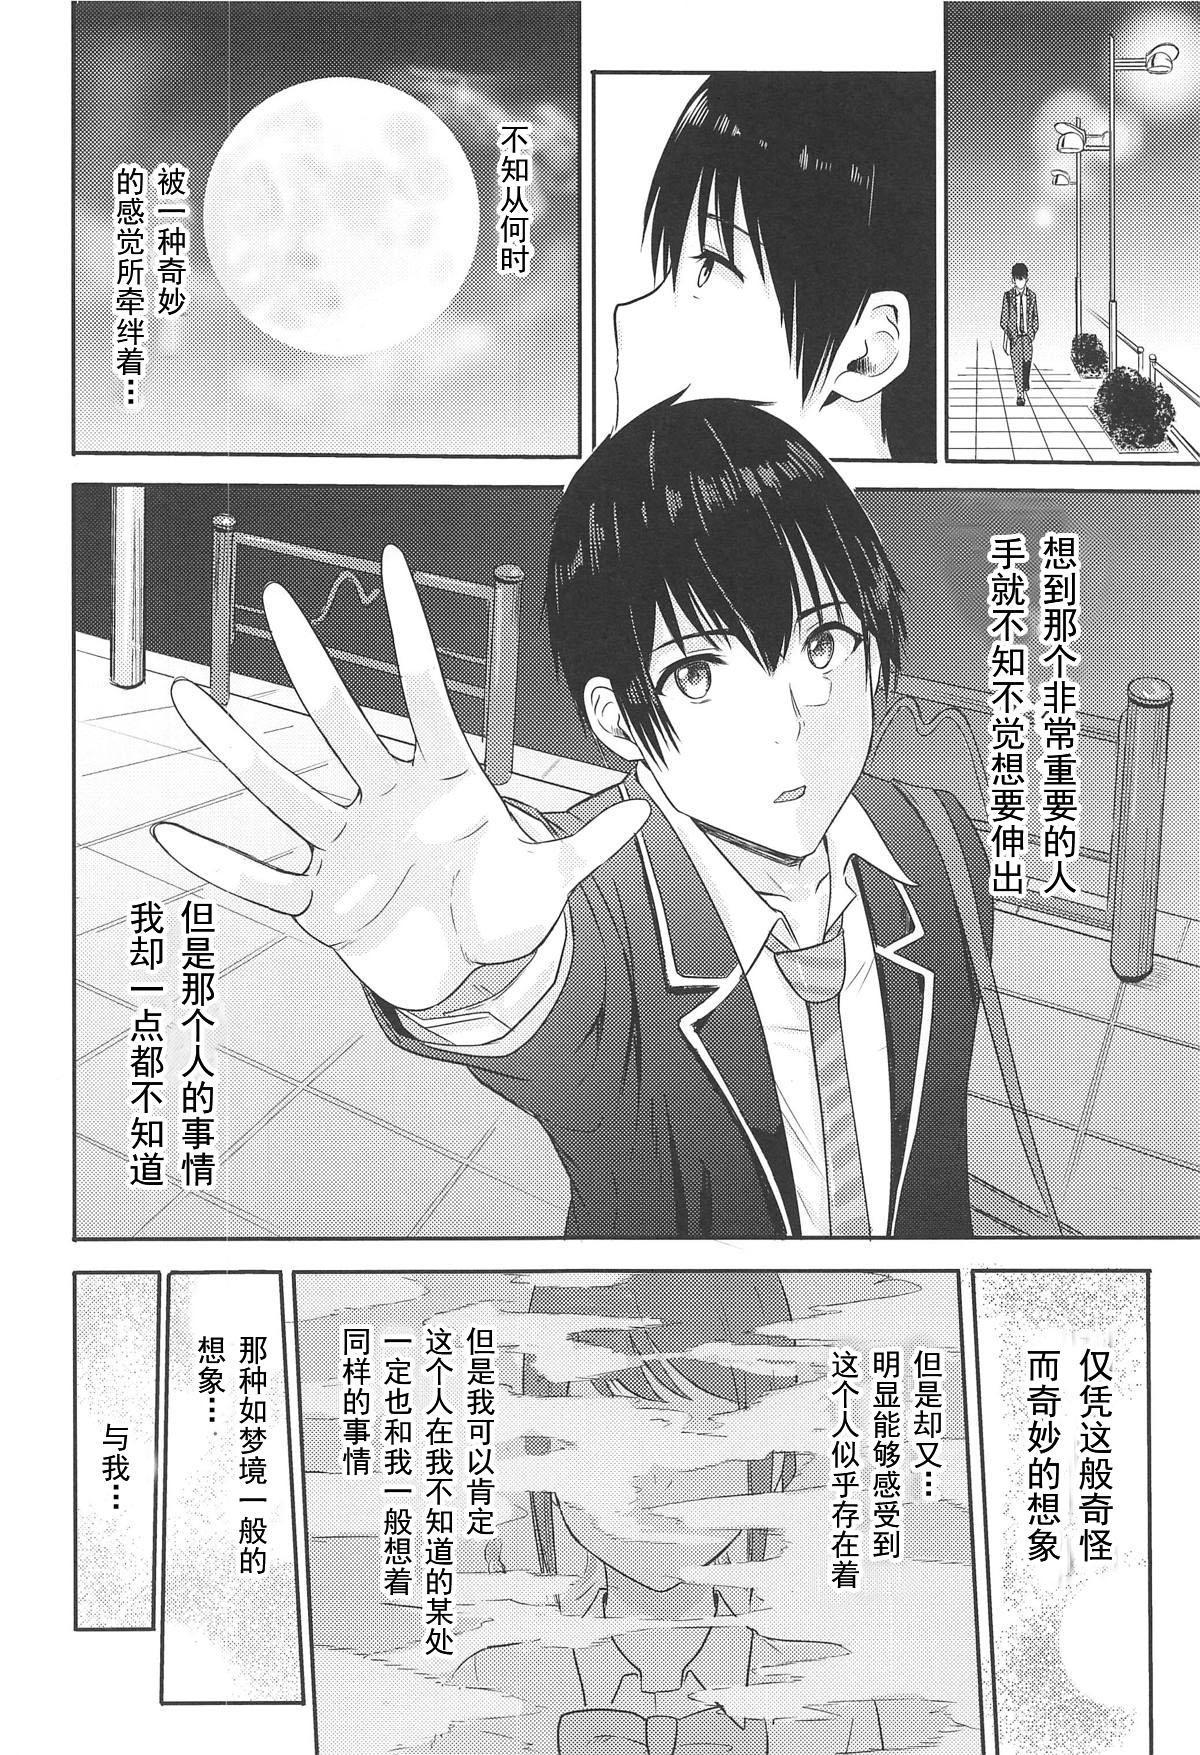 Mitsuha 16